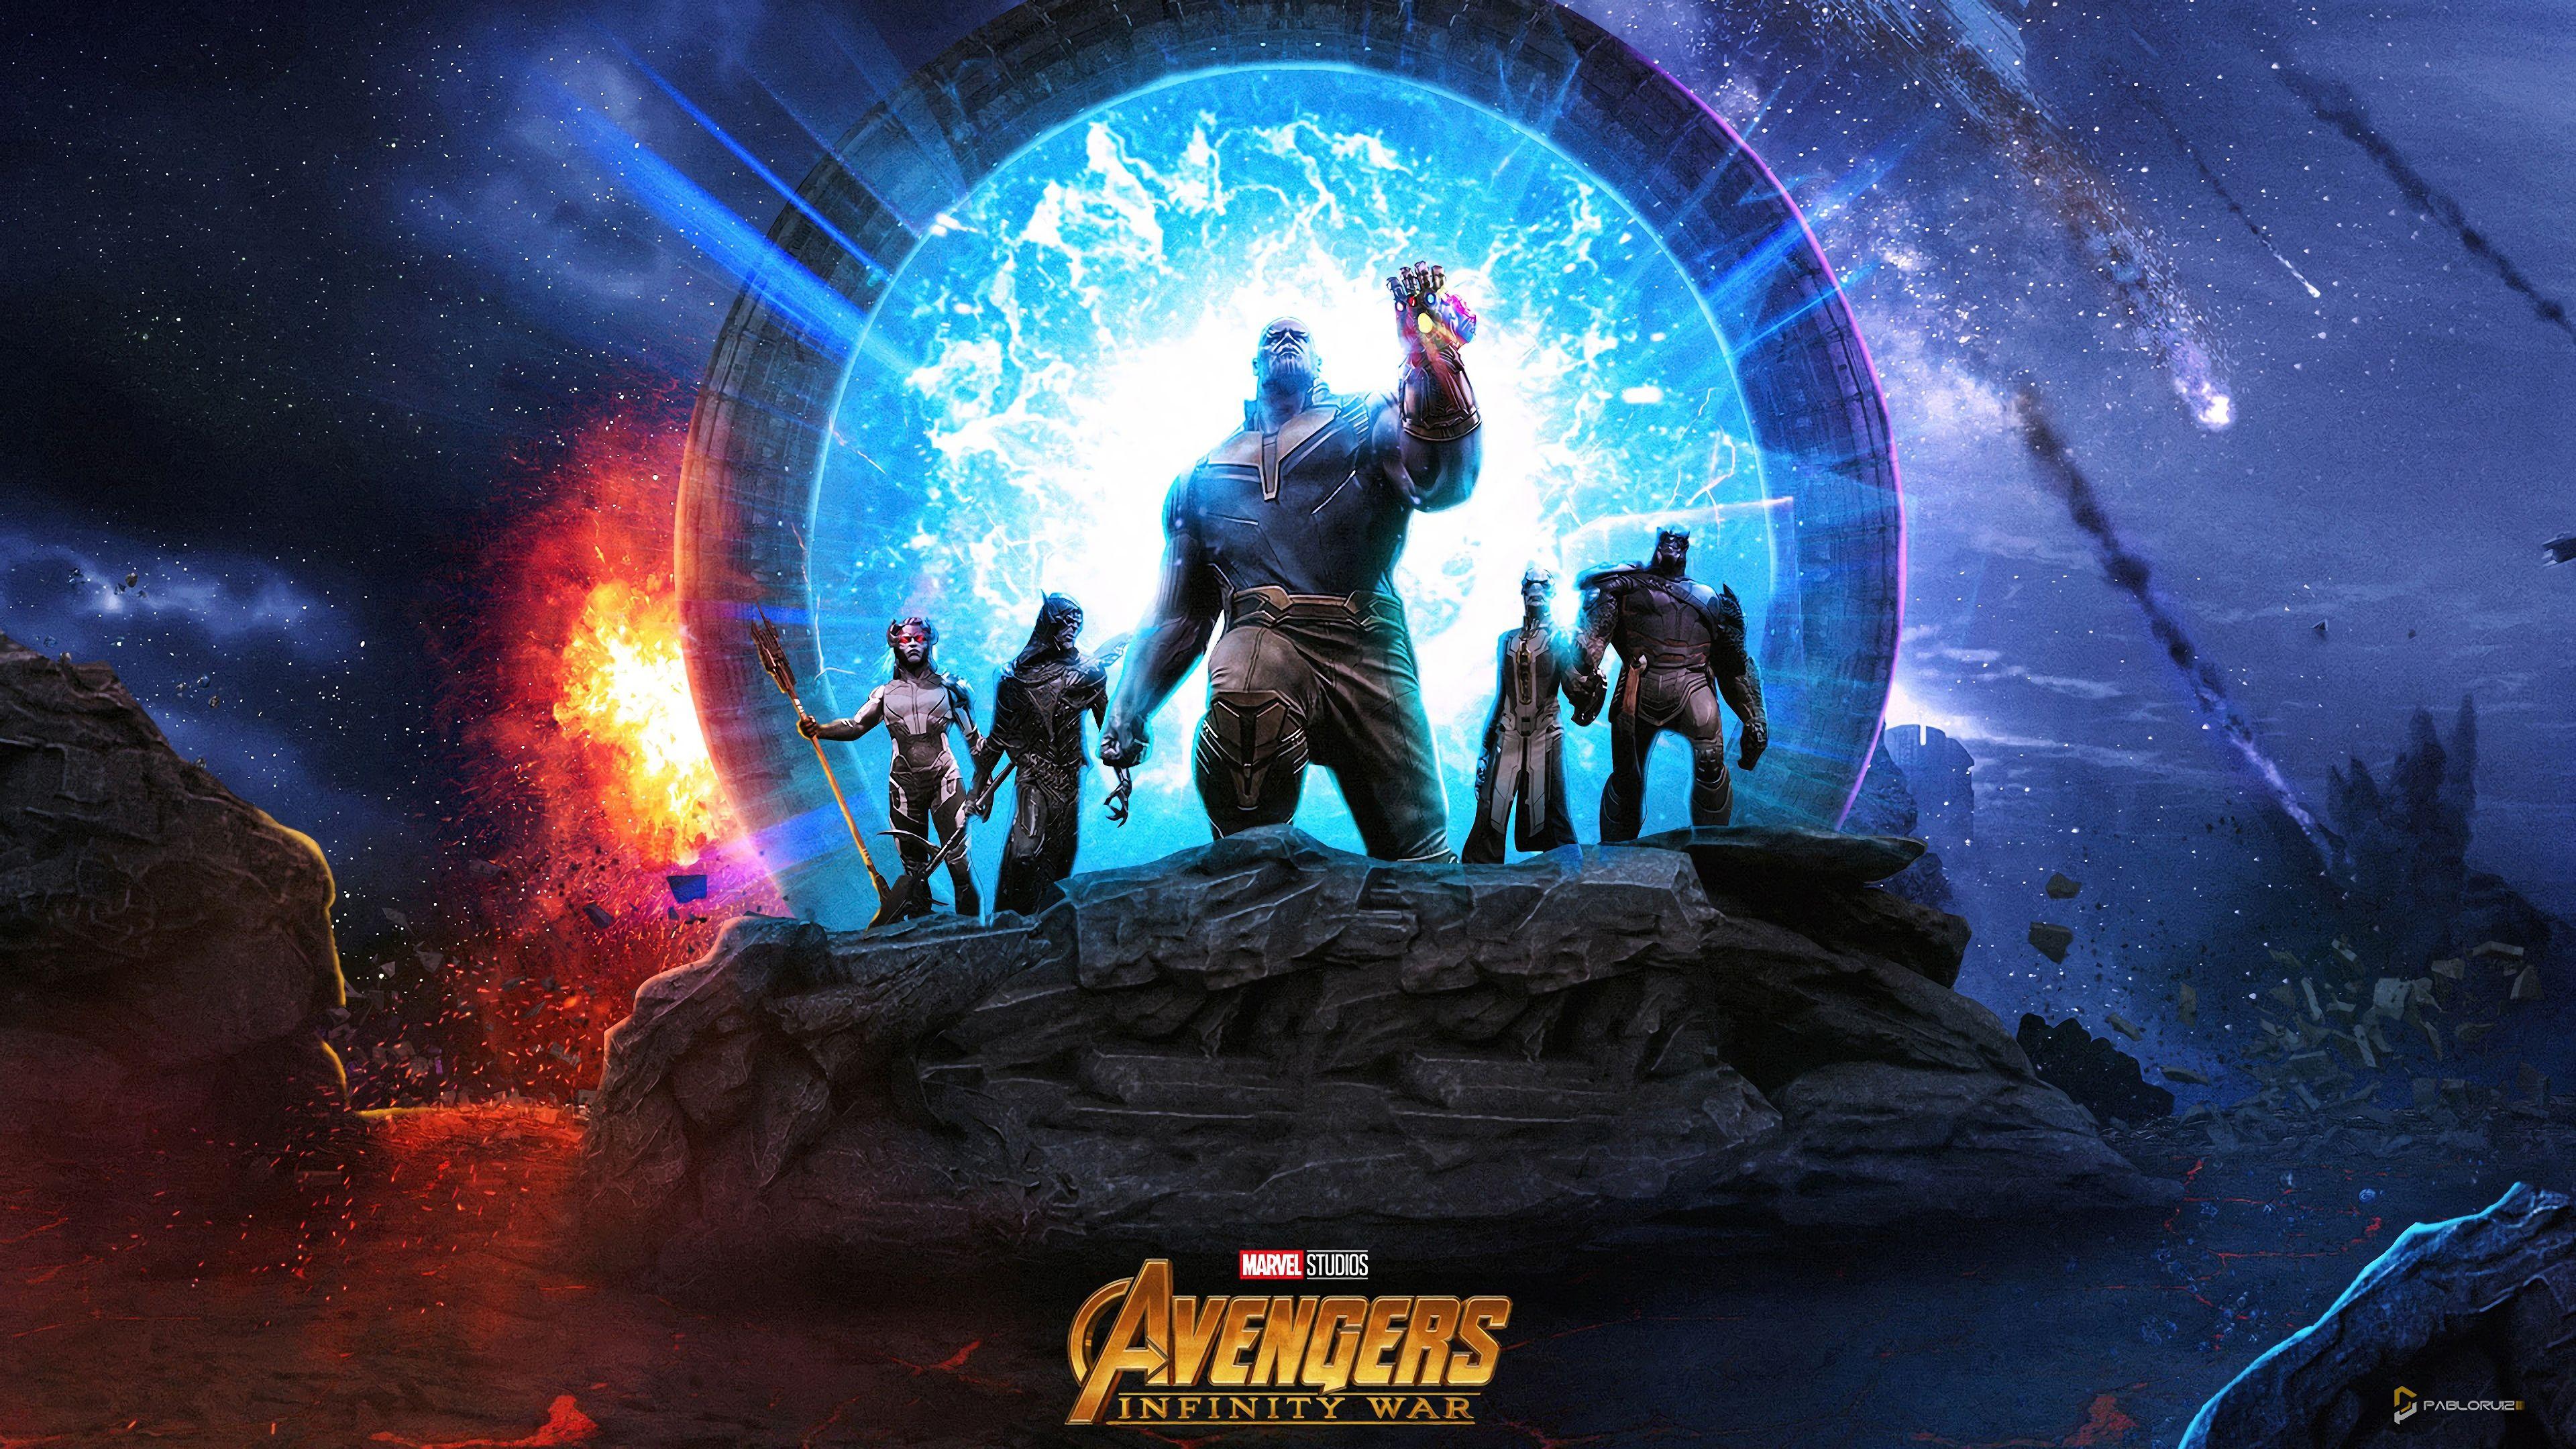 Thanos The Black Order Avengers Infinity War Movie 2018 3840x2160 Wallpaper Thug Life Wallpaper Avengers Wallpaper Avengers